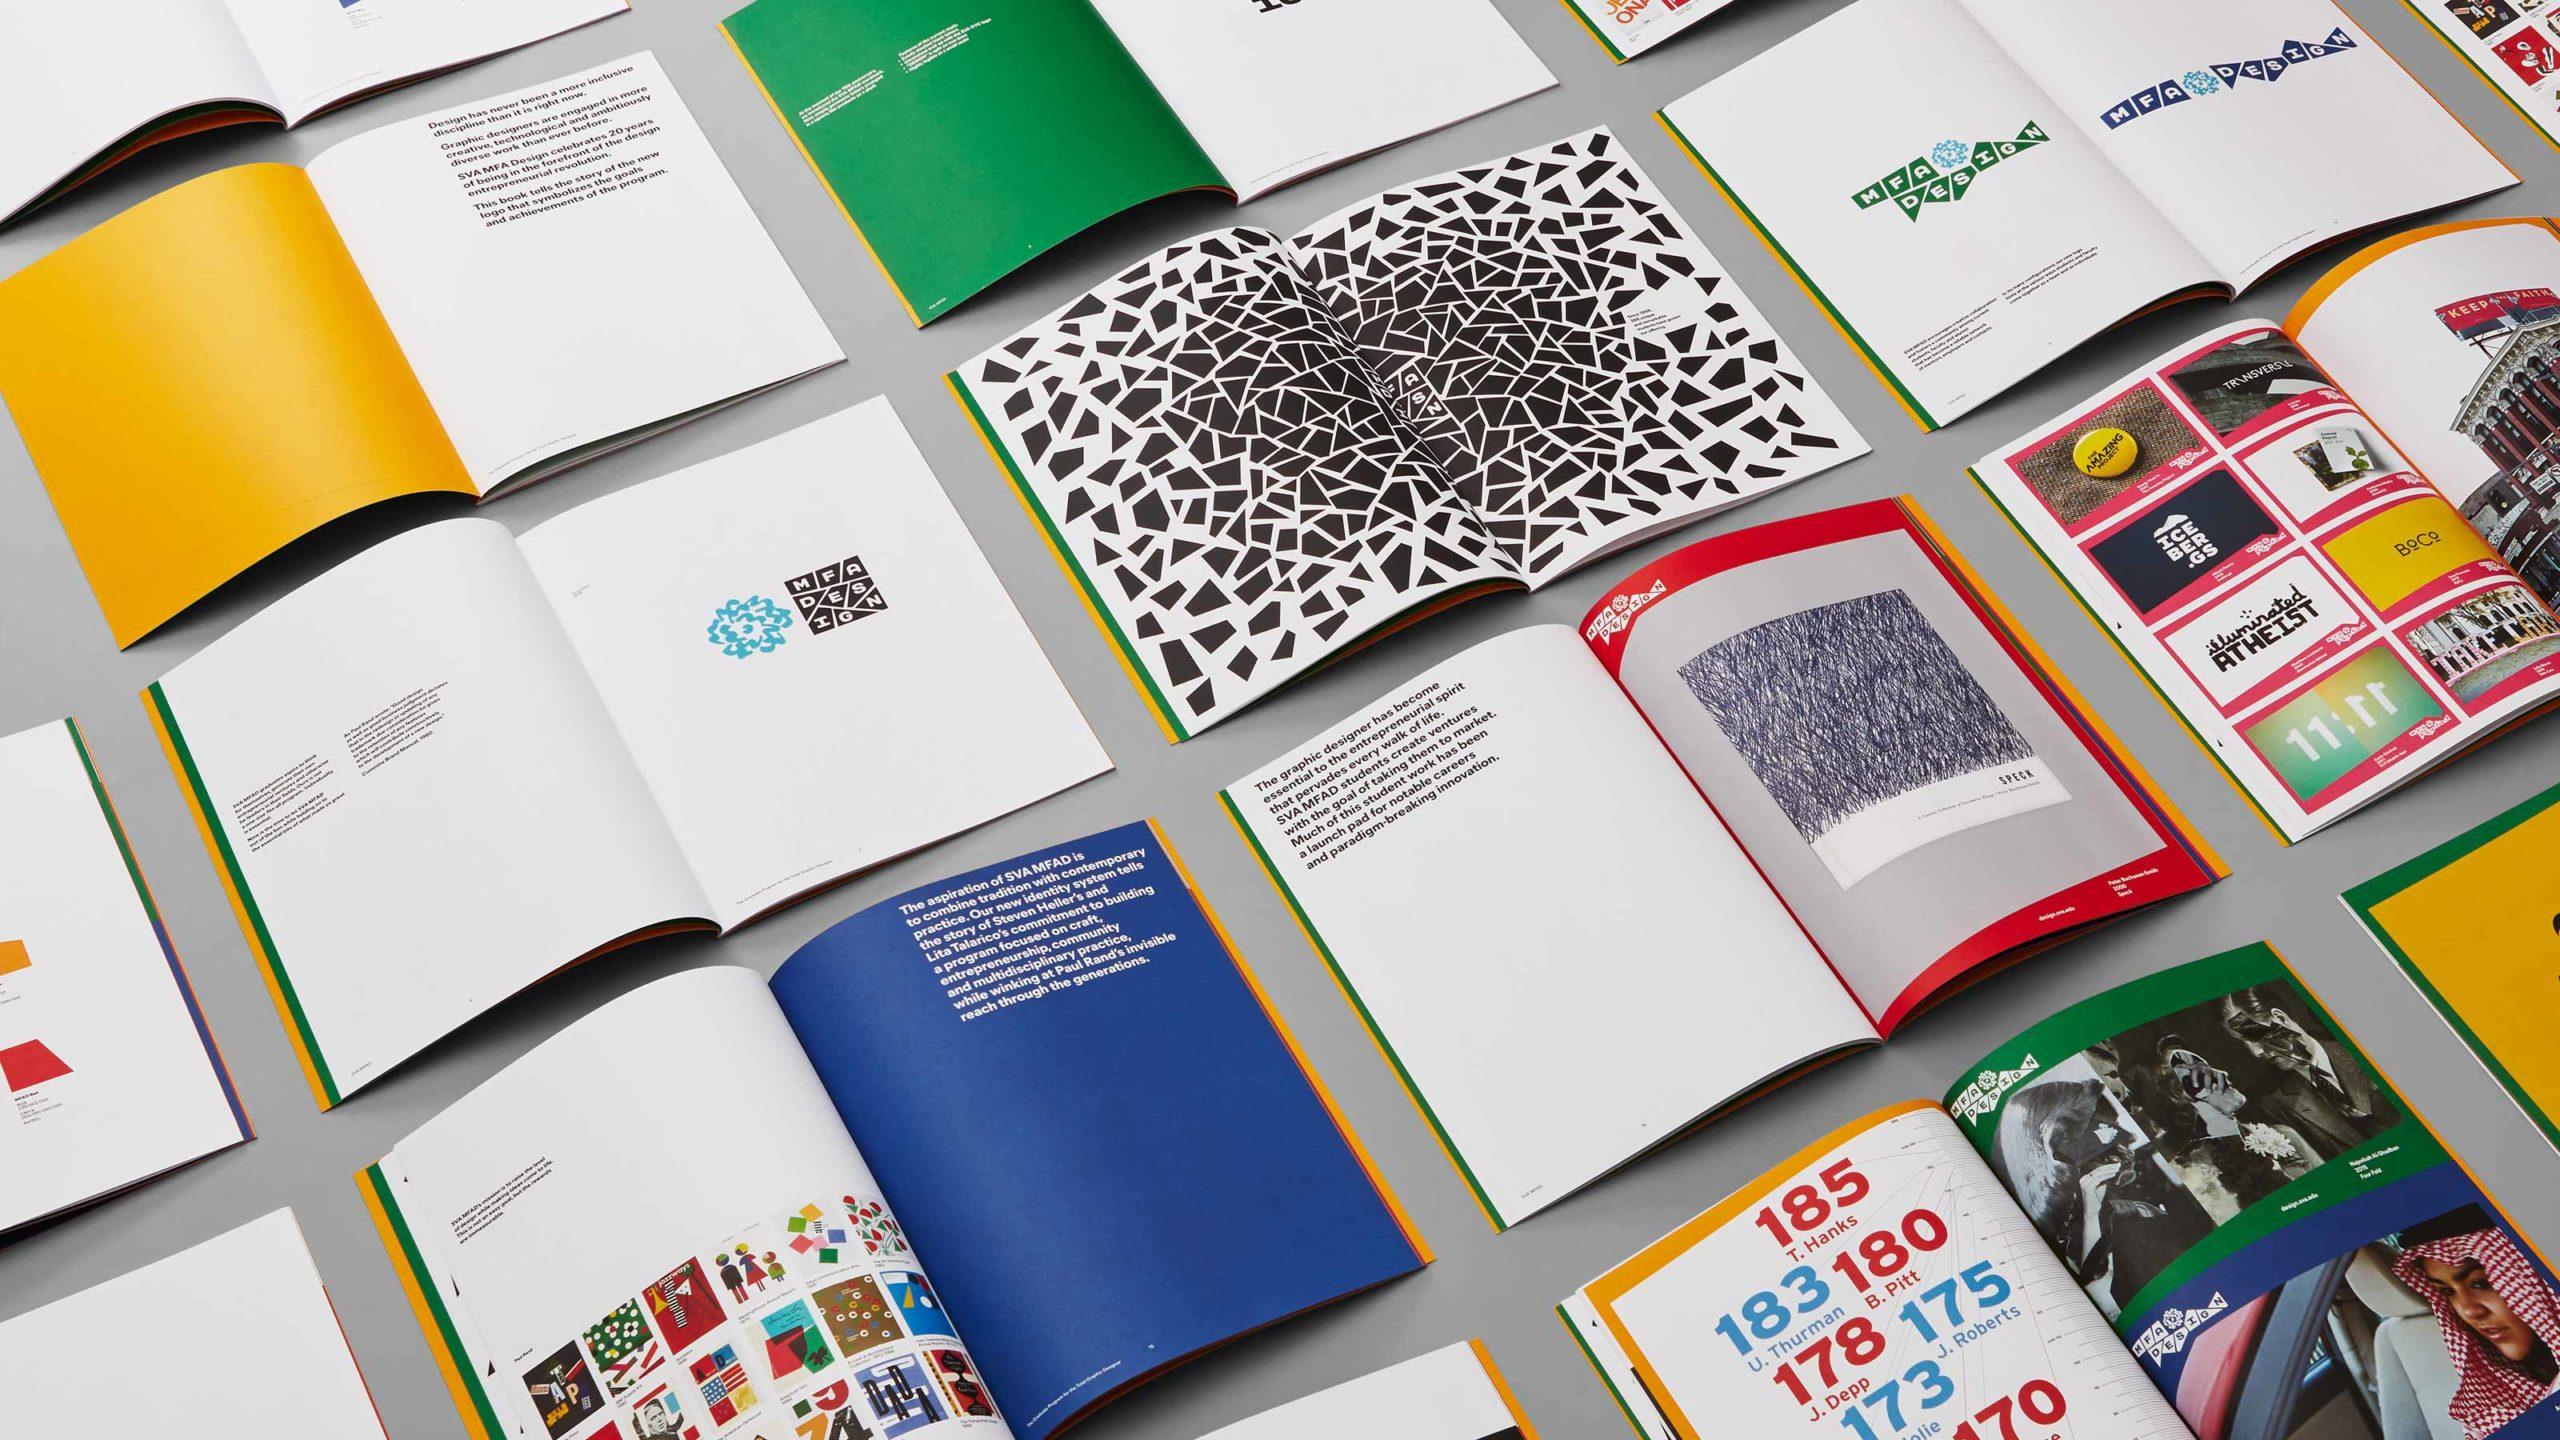 MFA Design inspiration guide contents